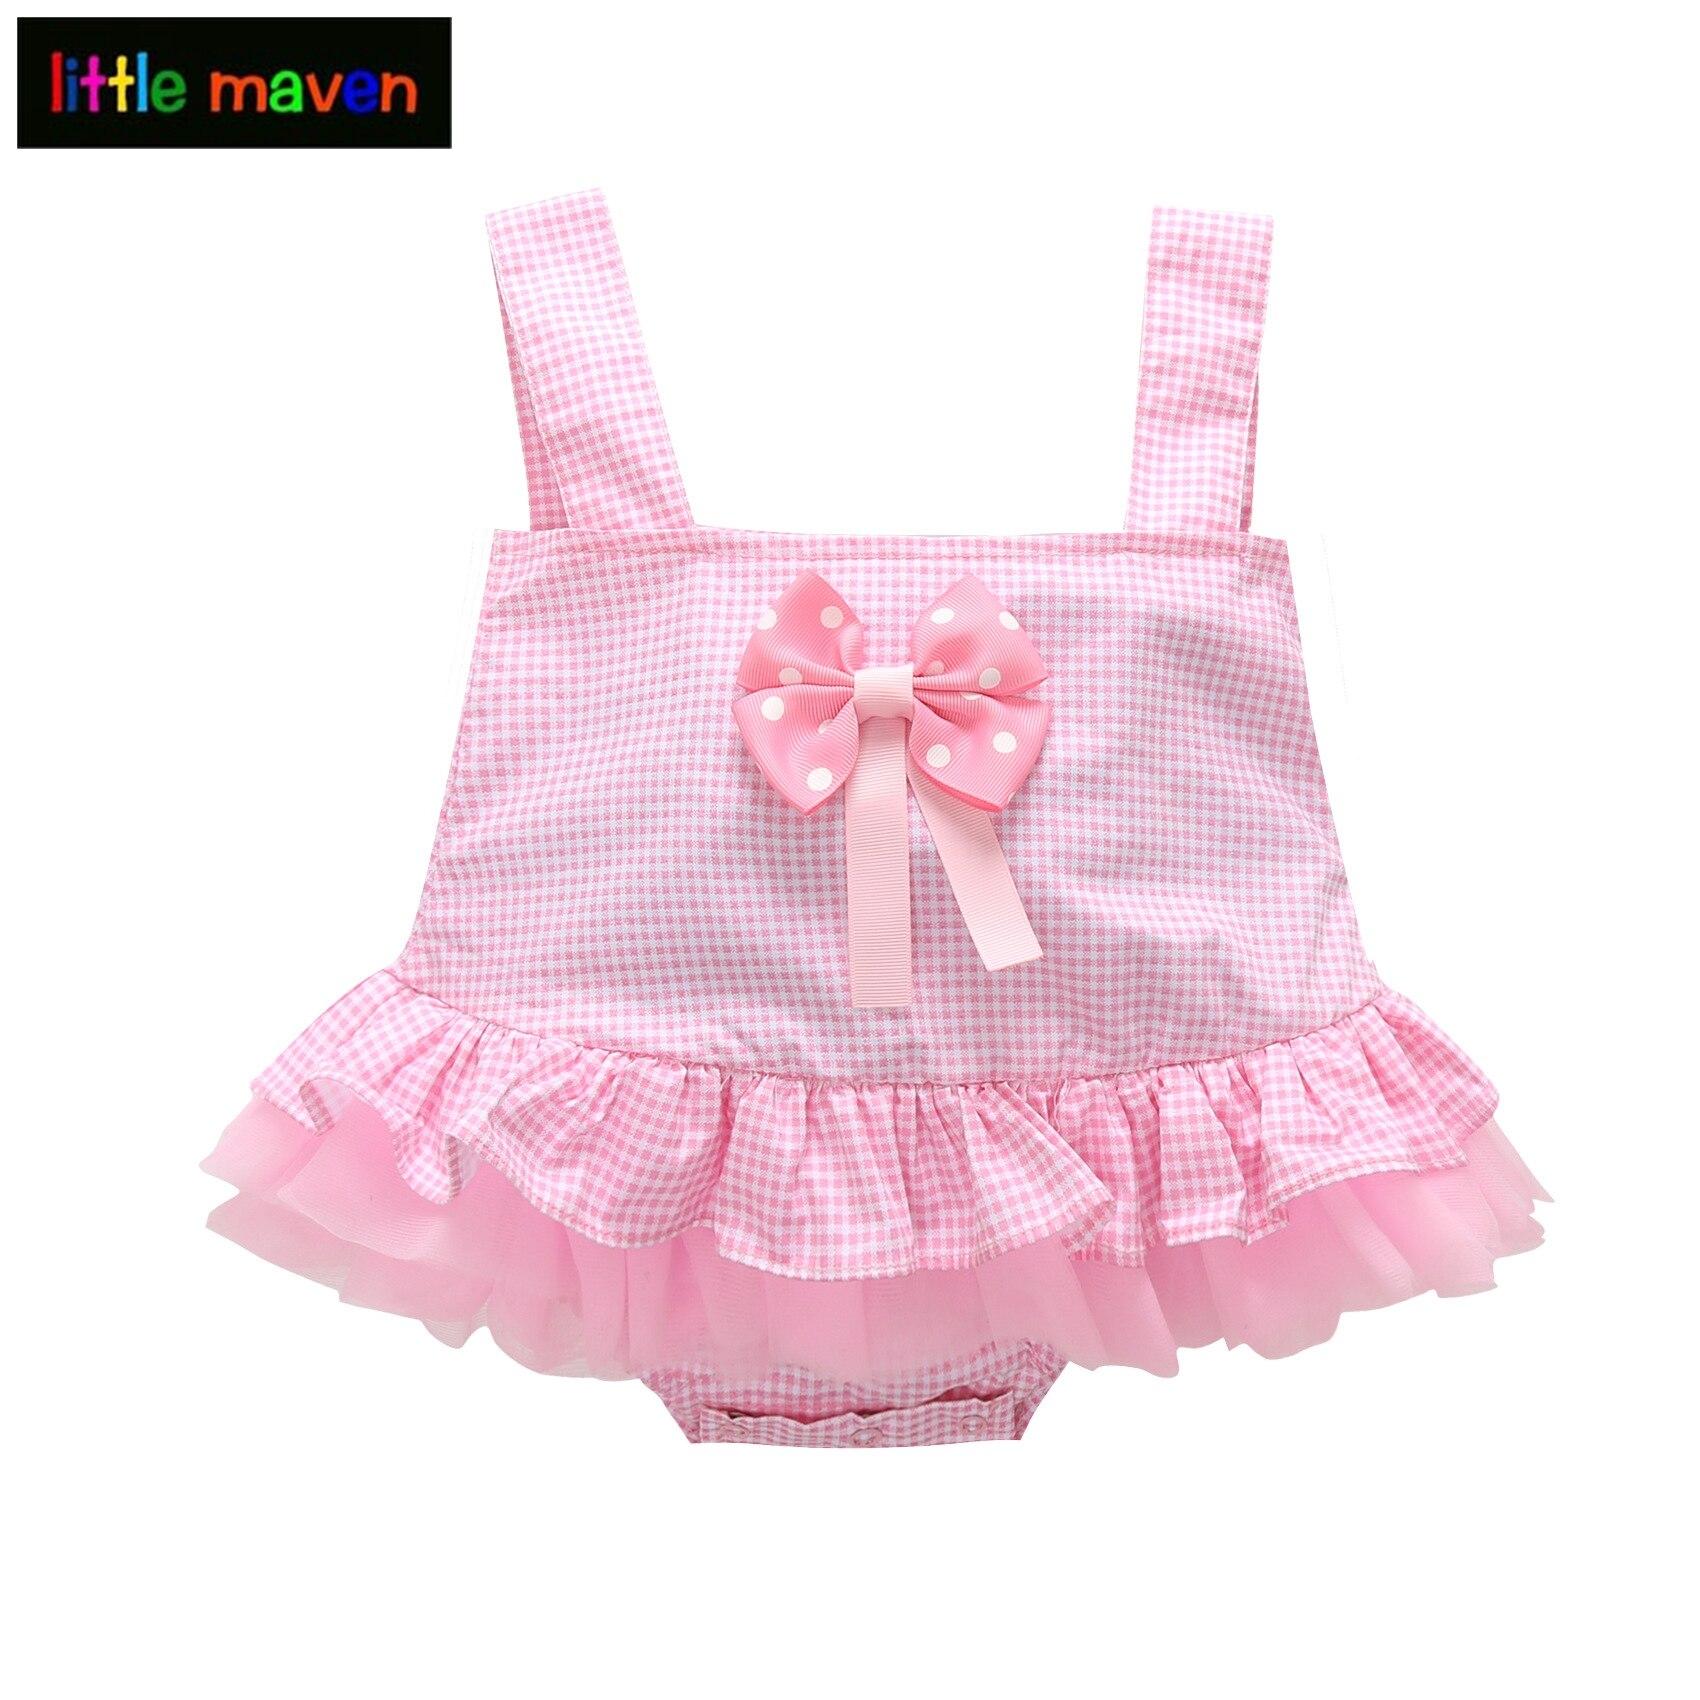 Vajzat Vajza Rompers Vajza Vajzat Veshje Veshjet Roupas Pink Plaid - Veshje për bebe